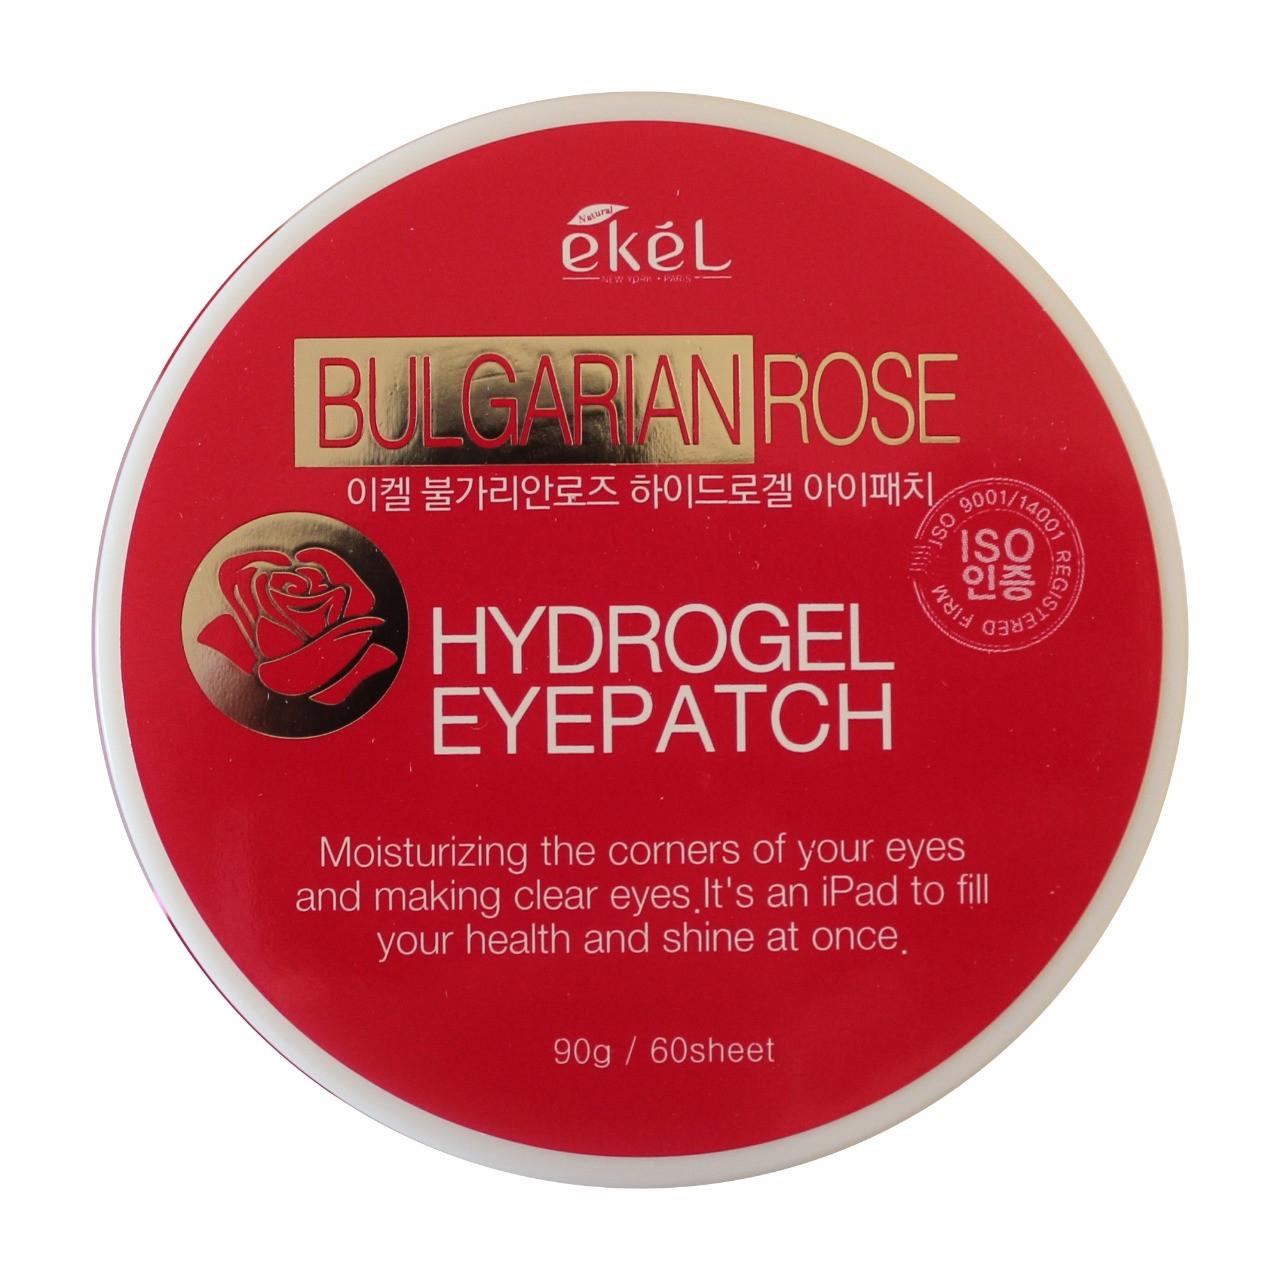 Ekel Гидрогелевые Патчи для век с Экстрактом Болгарской Розы Bulgarian Rose Hydrogel Eye Patch 60шт.